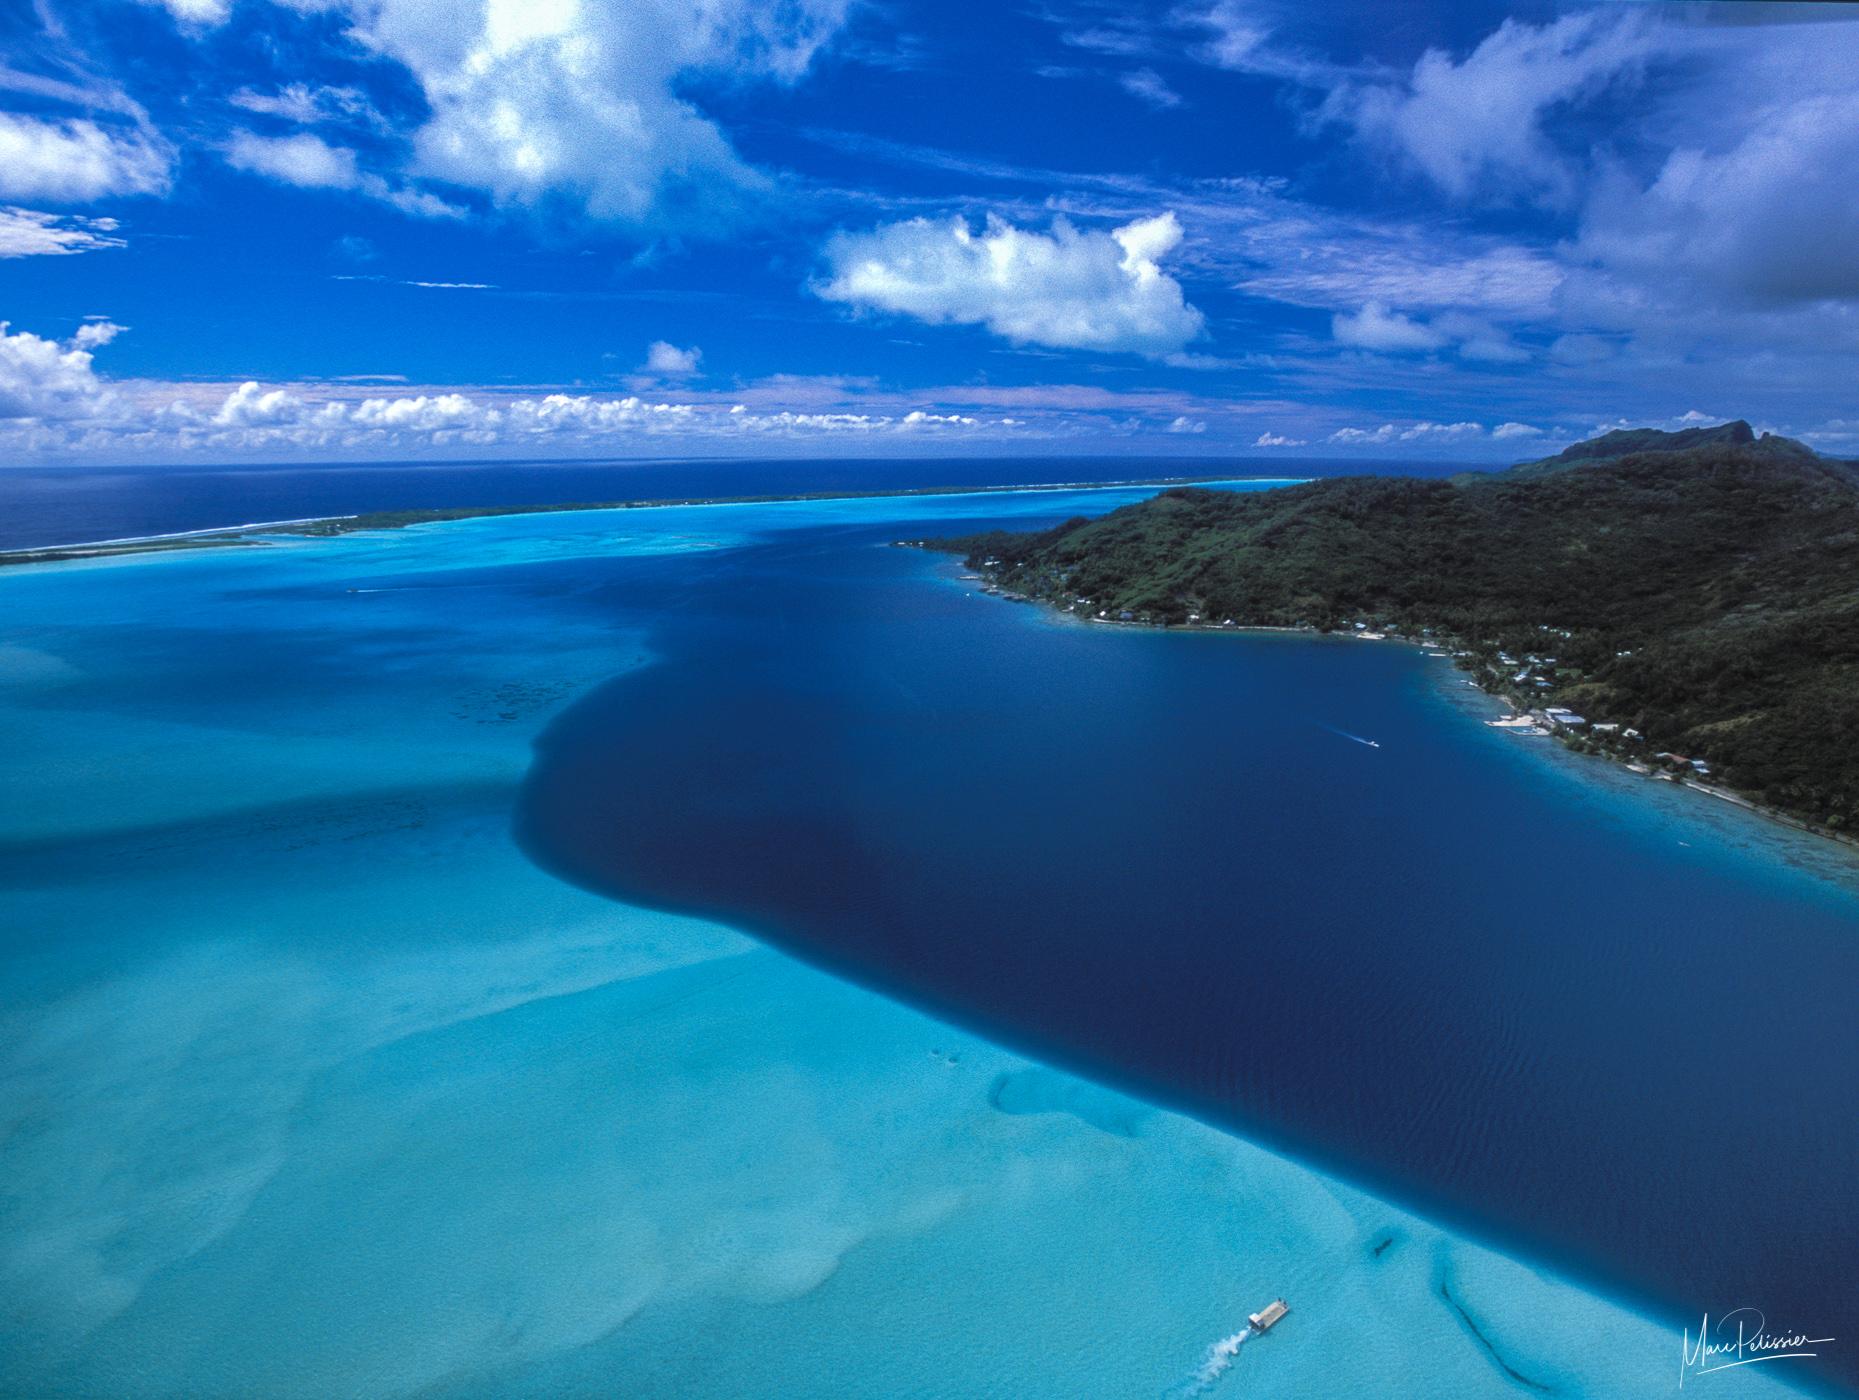 To the border, French Polynesia